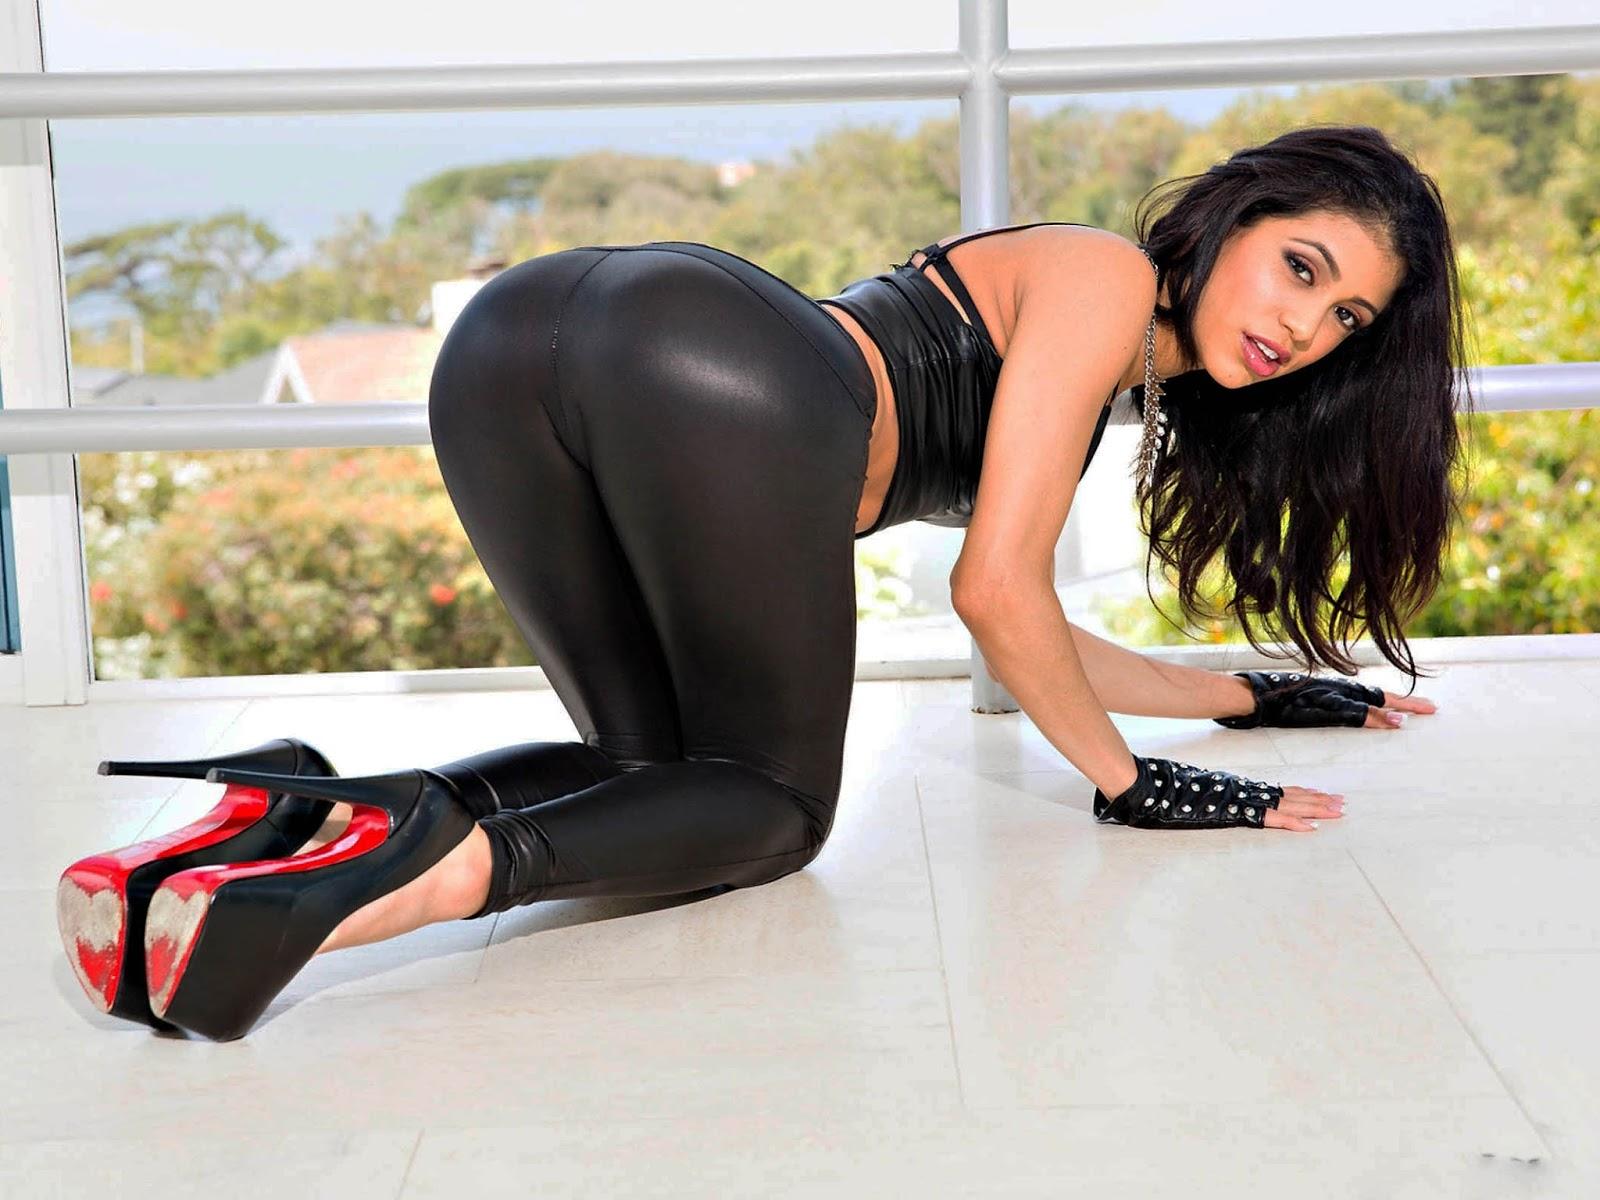 Actrices De Peliculas Porno Alemanas top actrices porno venezolanas que han triunfado en